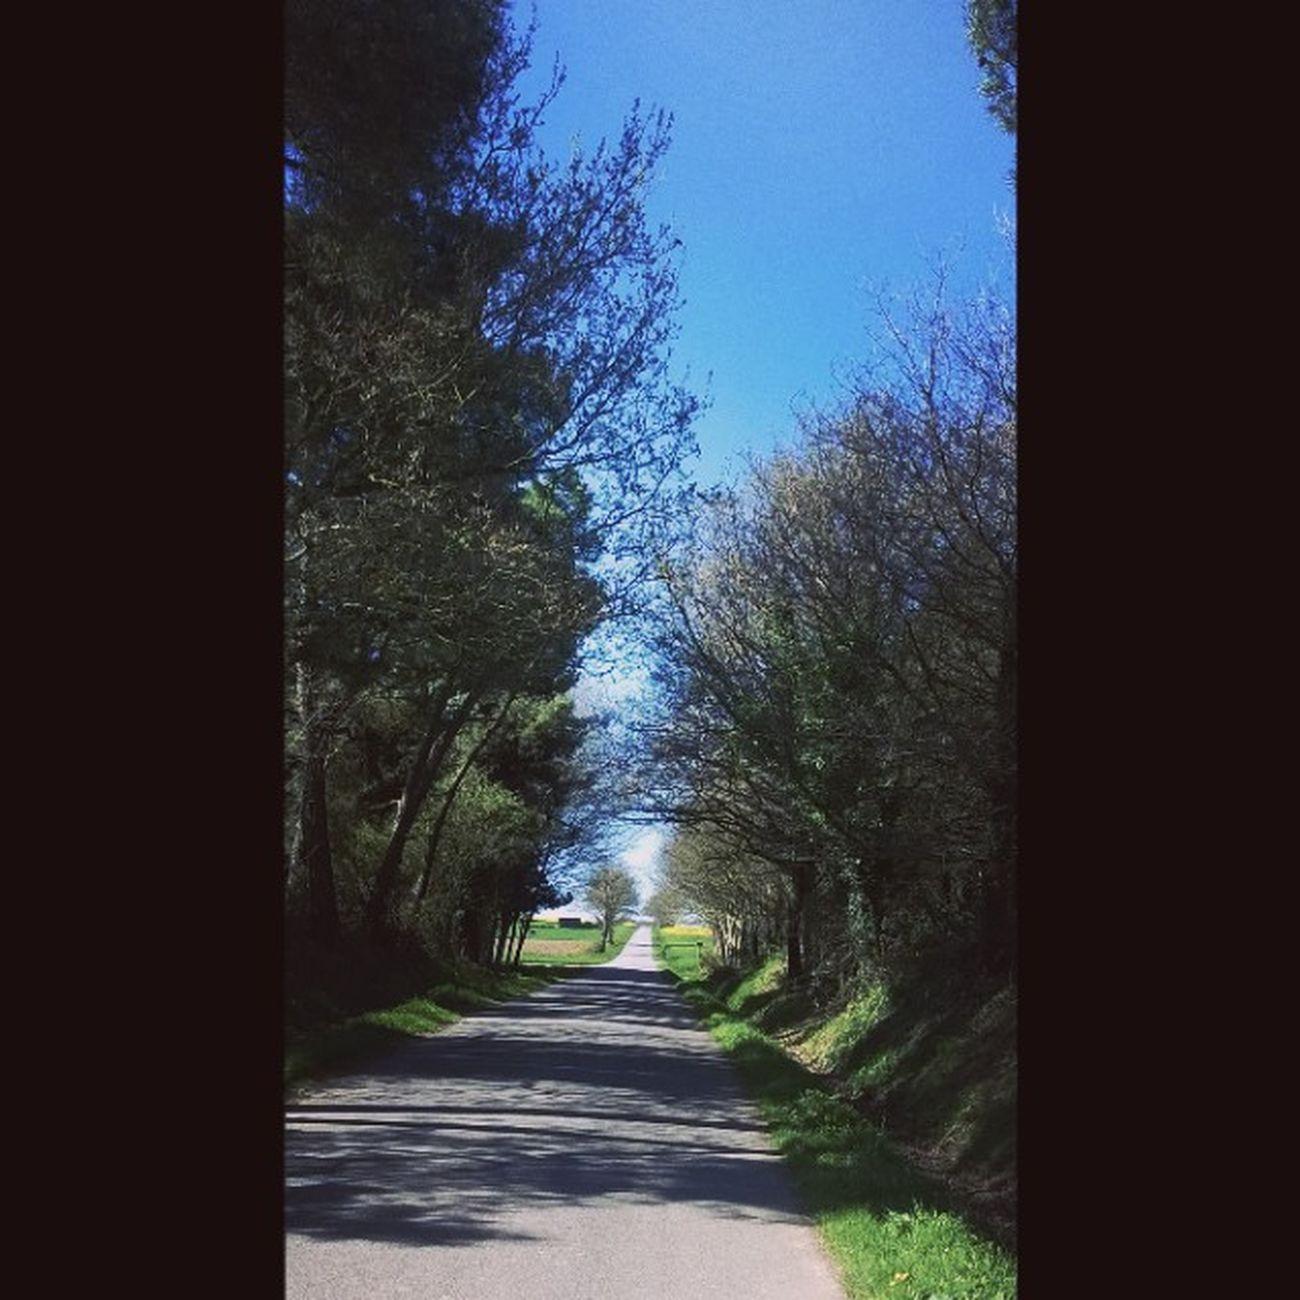 The Road between Loyat and Taupont - Ideal for a Beginner Biker as I am. La Route entre Loyat et Taupont, sans trafic: l'idéal pour le Cycliste débutant que je suis. Bretagneavelo Bretagne Bretagnetourisme Breizh Morbihan Miamorbihan Jaimelabretagne Arbres Trees Alberi Nature Natura Bluesky CielBleu Sky Ciel Cielo